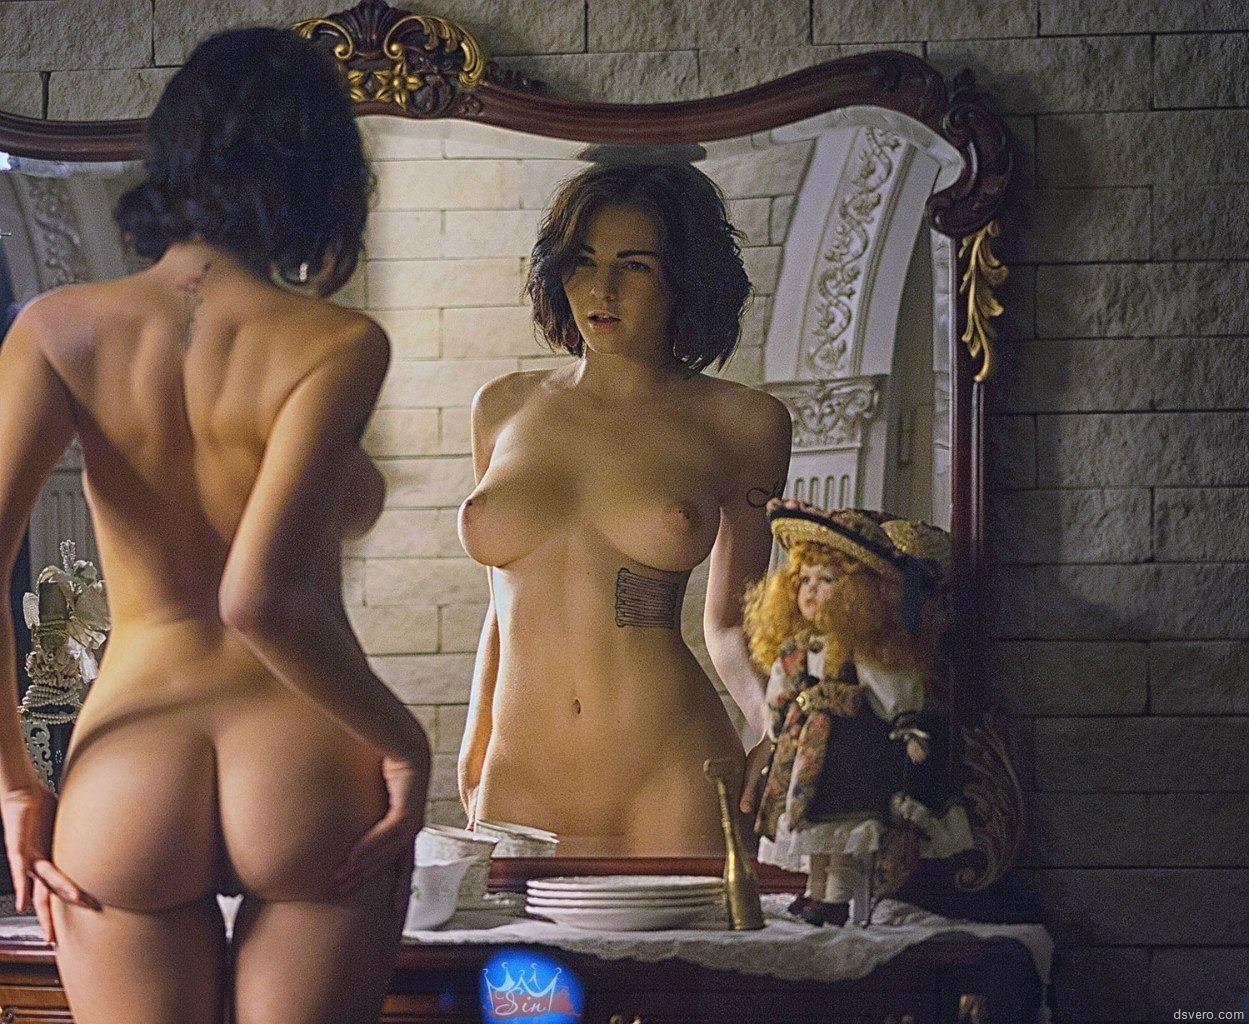 Эротические фото перед зеркалом 6 фотография